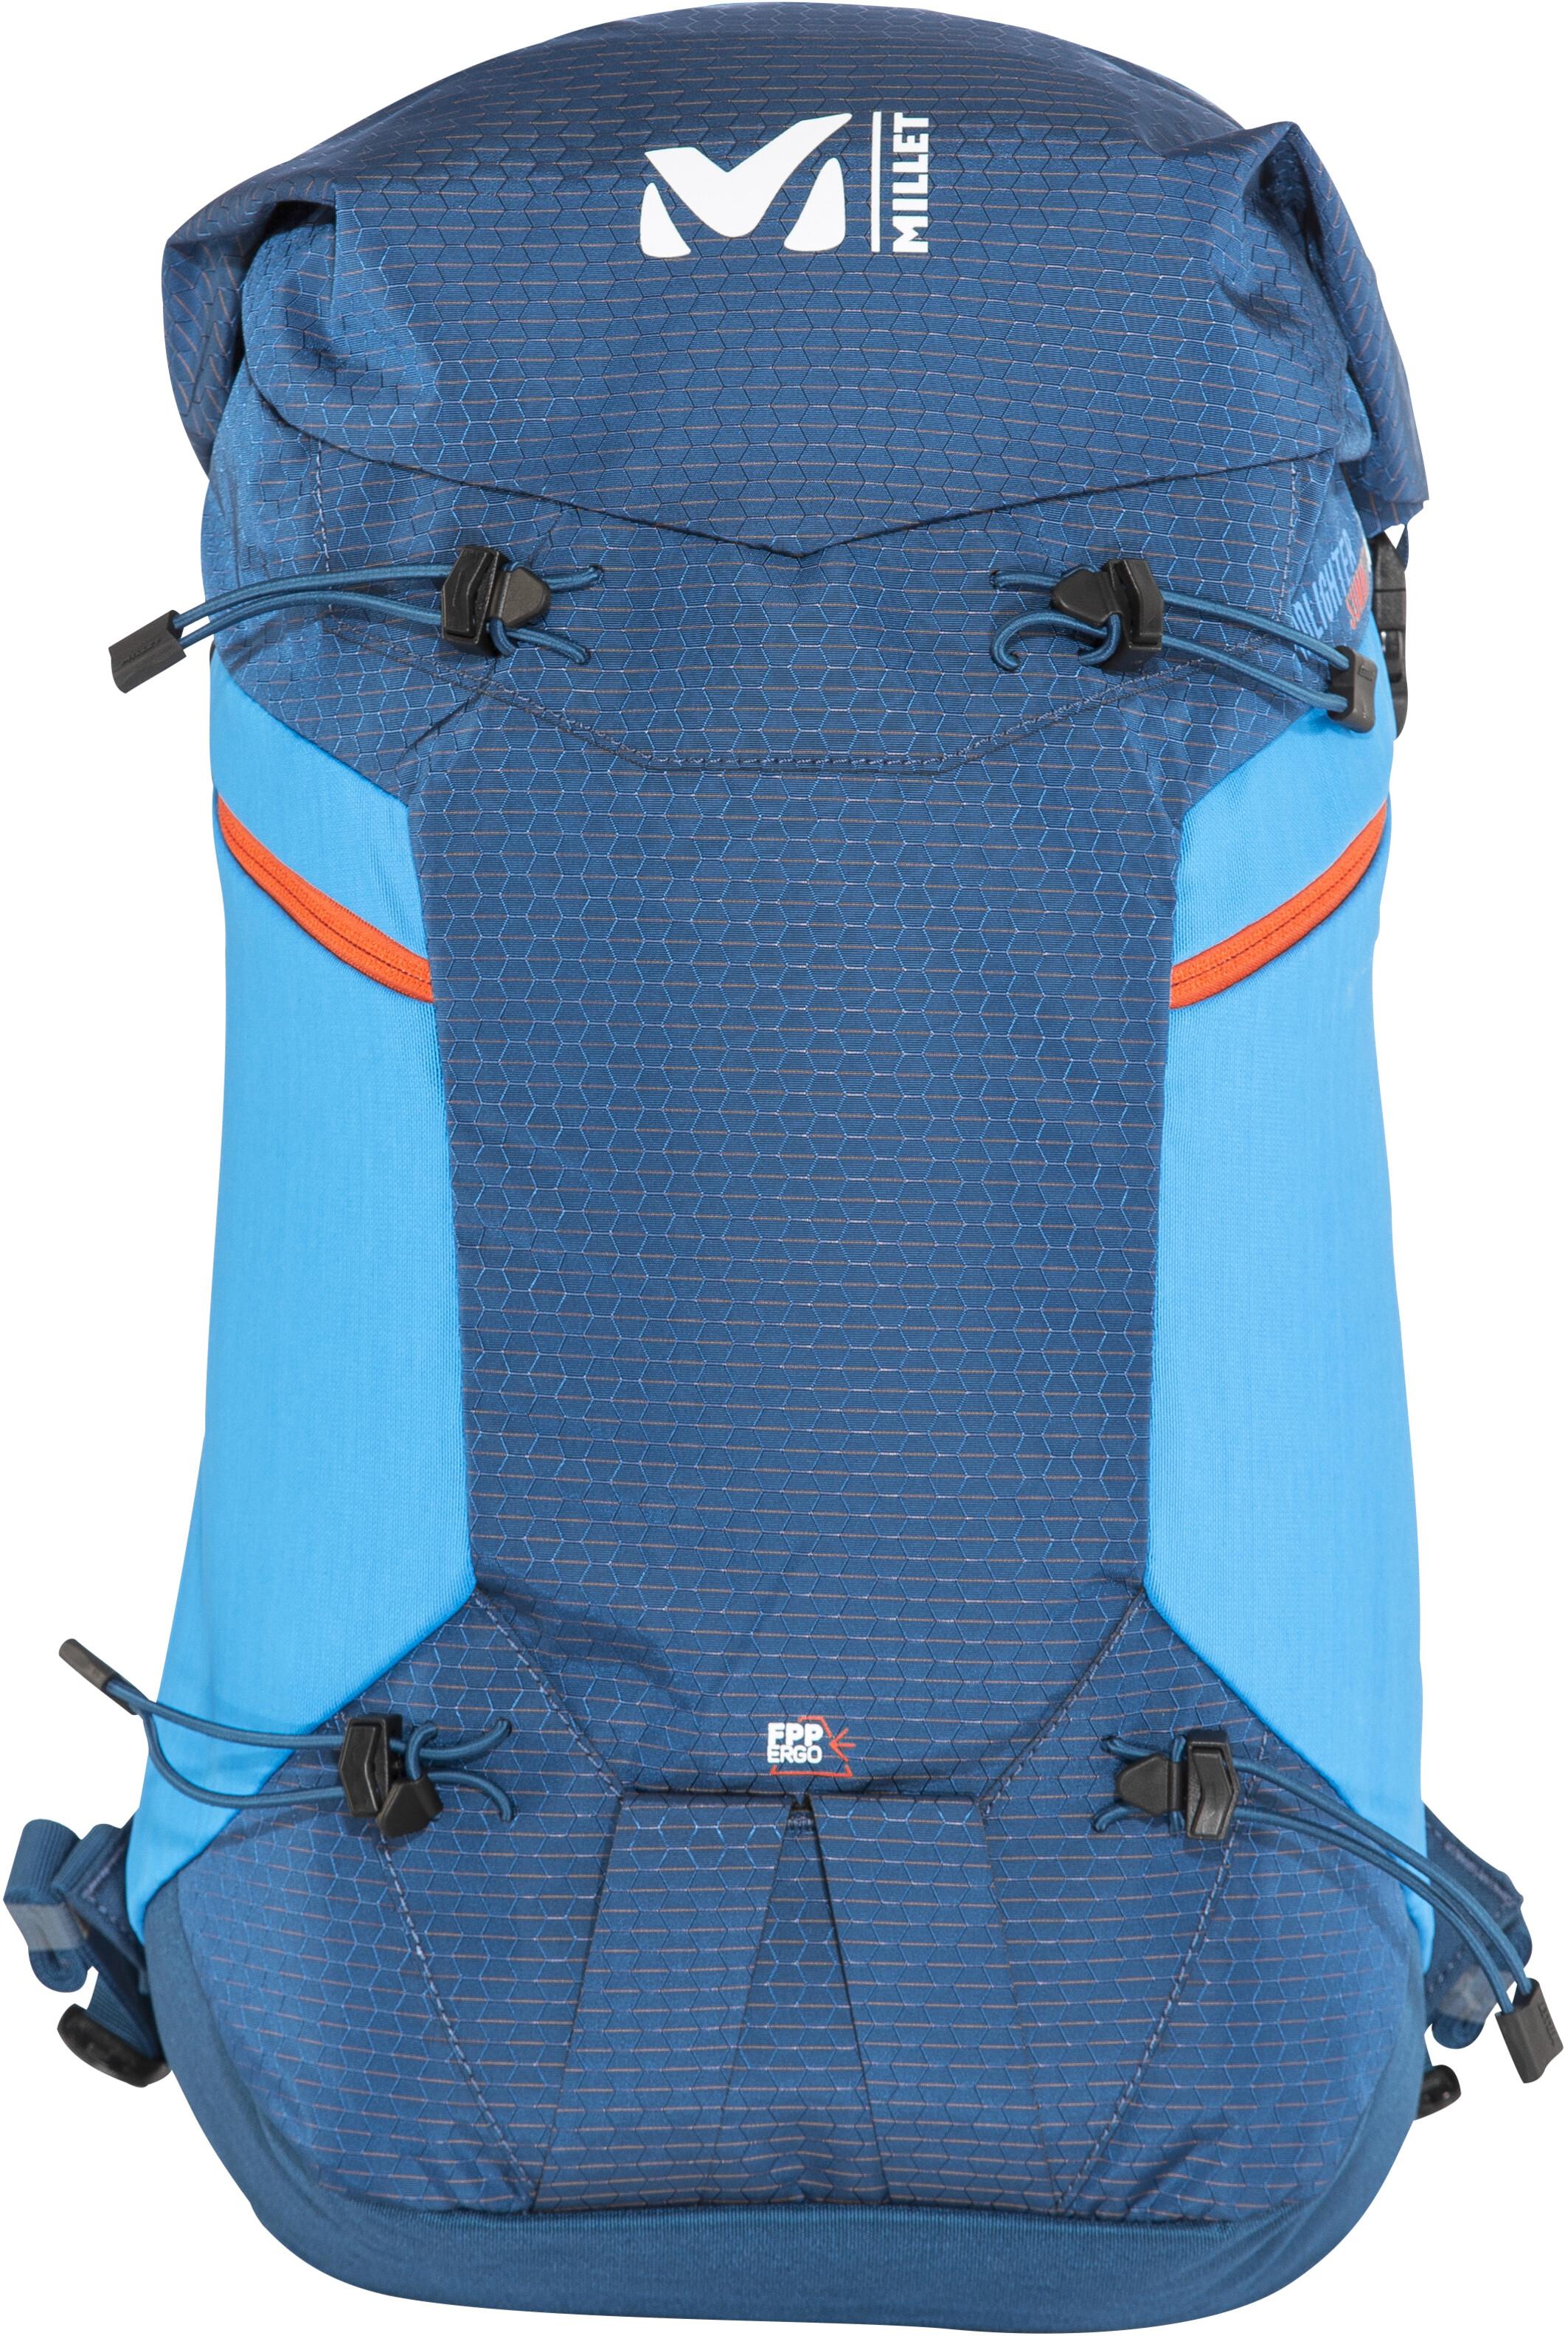 80e907a2b8c95 Millet Prolighter Summit 18 Plecak niebieski